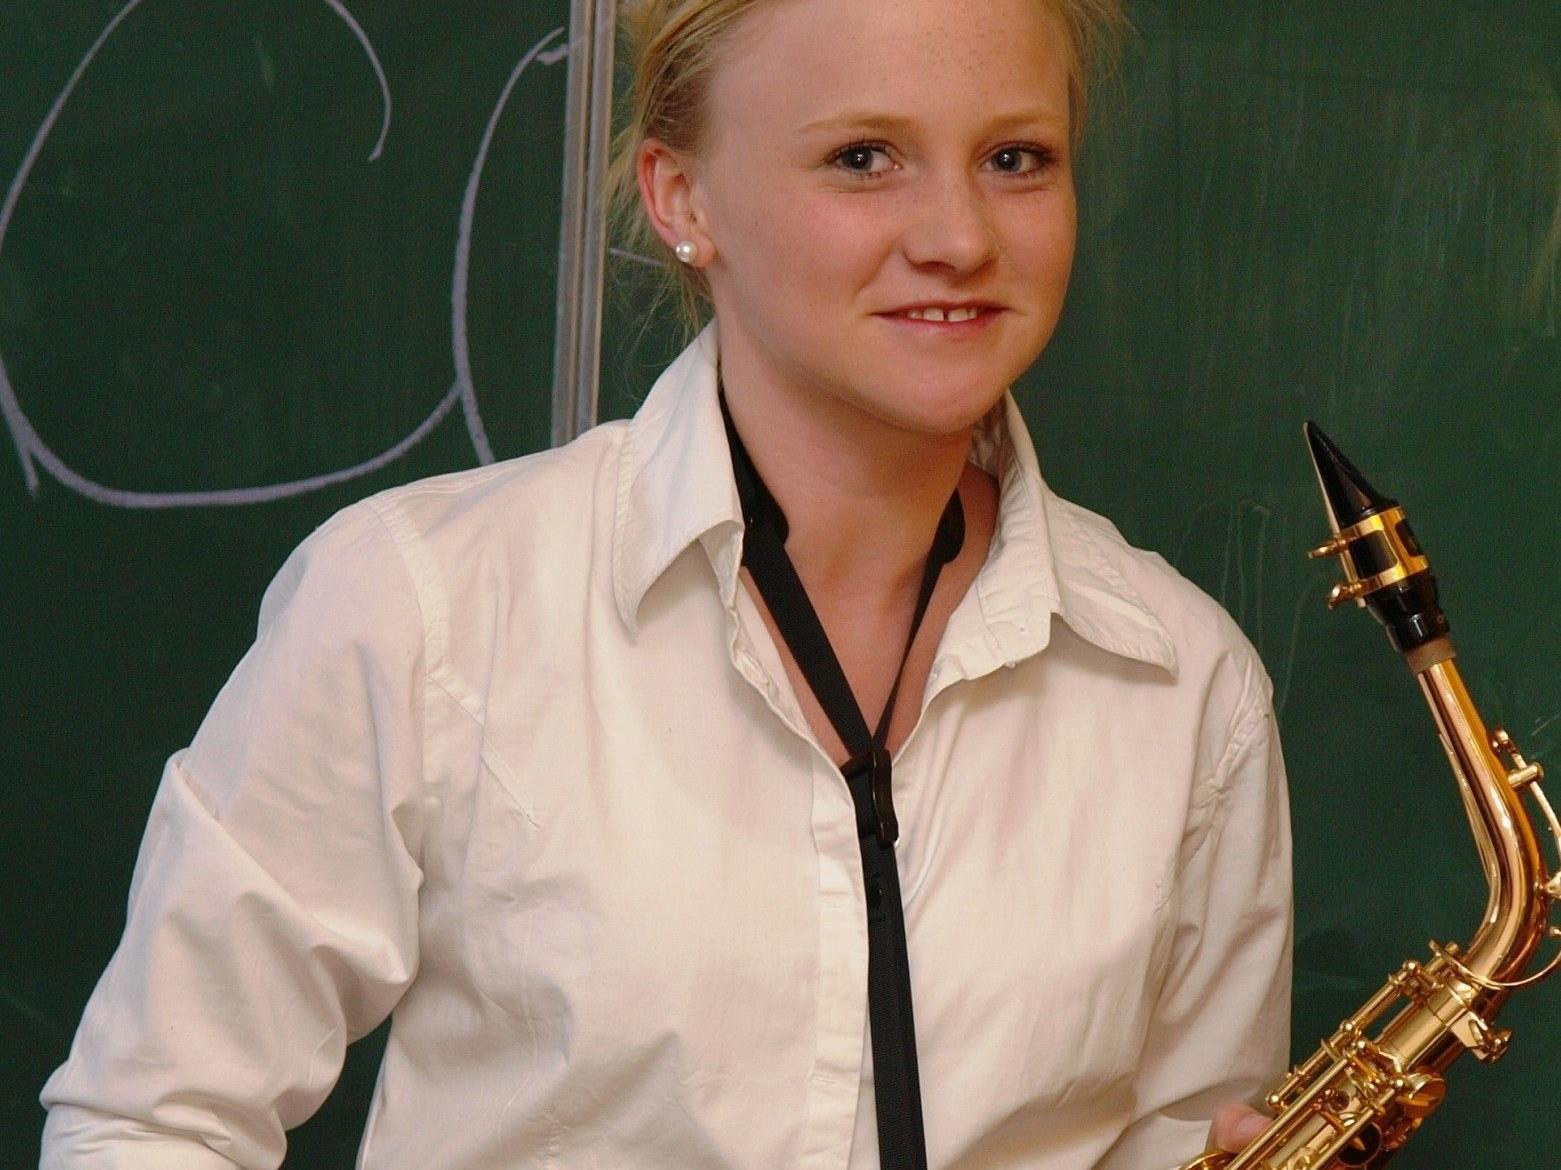 Musikerin der Stadtmusik Bregenz